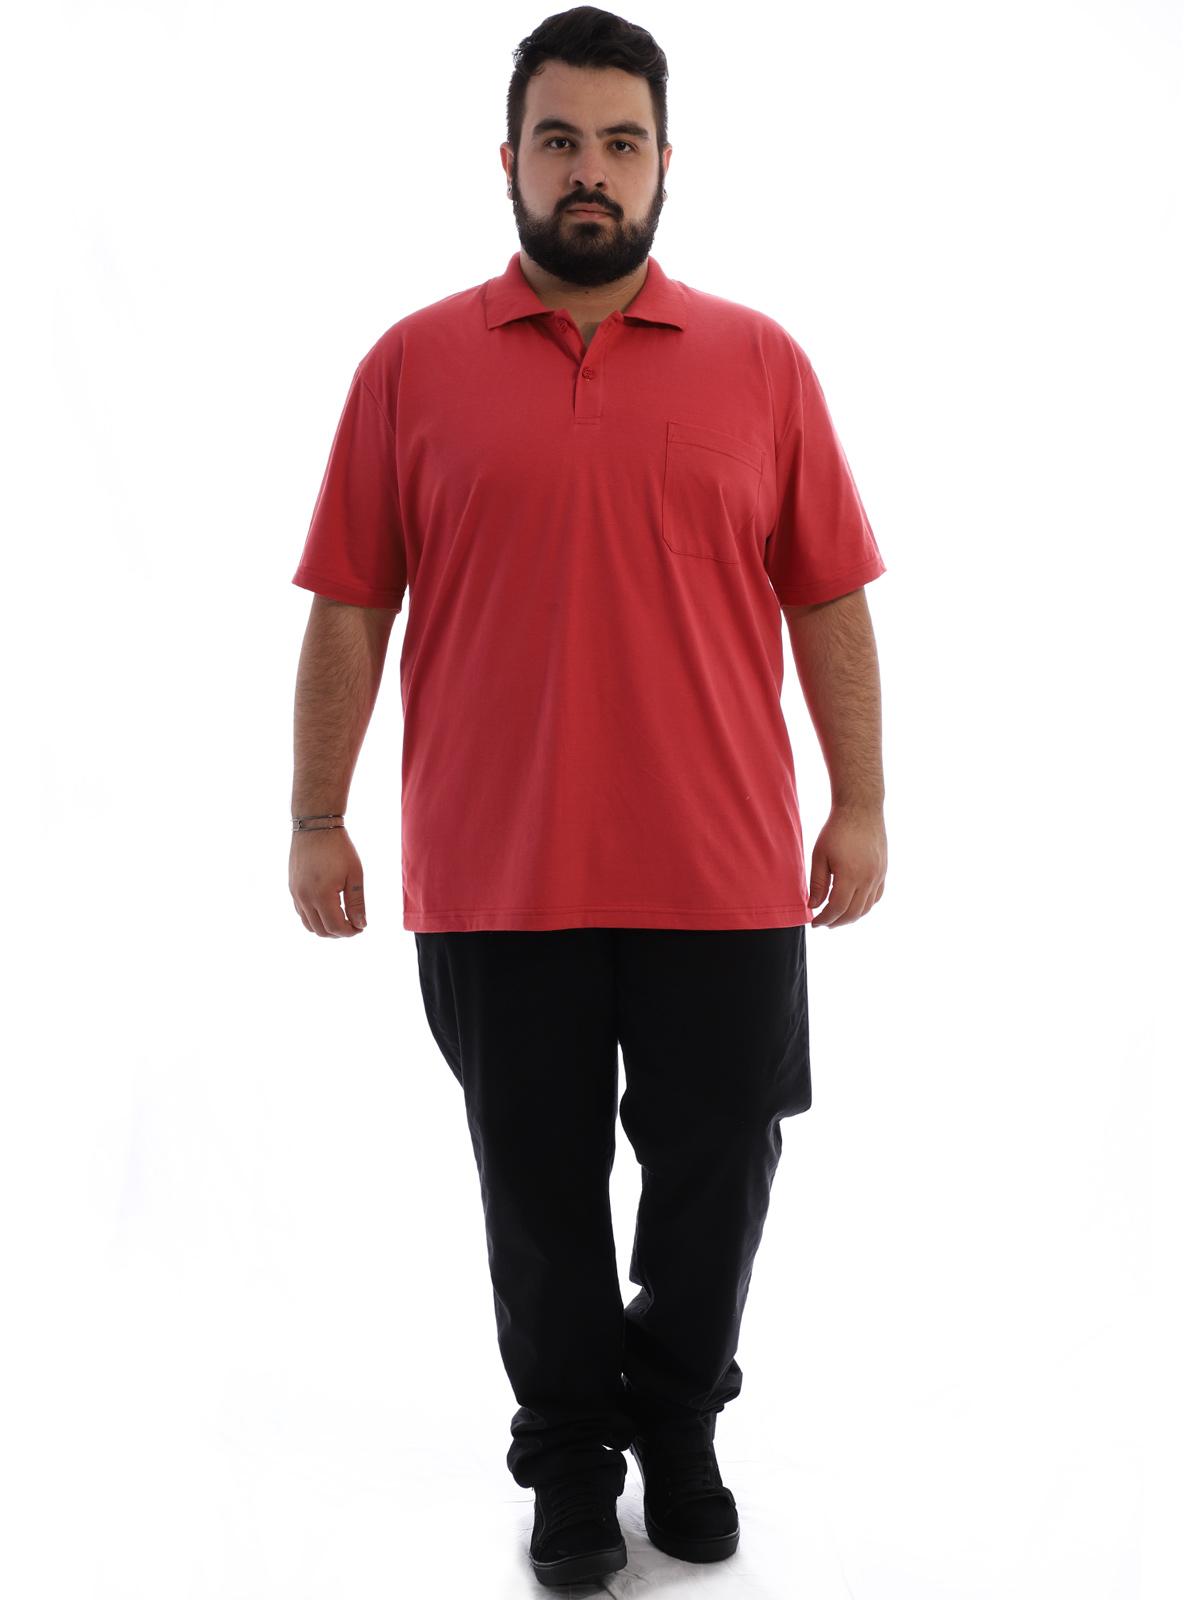 Camisa Polo Plus Size Masculina com Bolso Basica Vermelho Forte